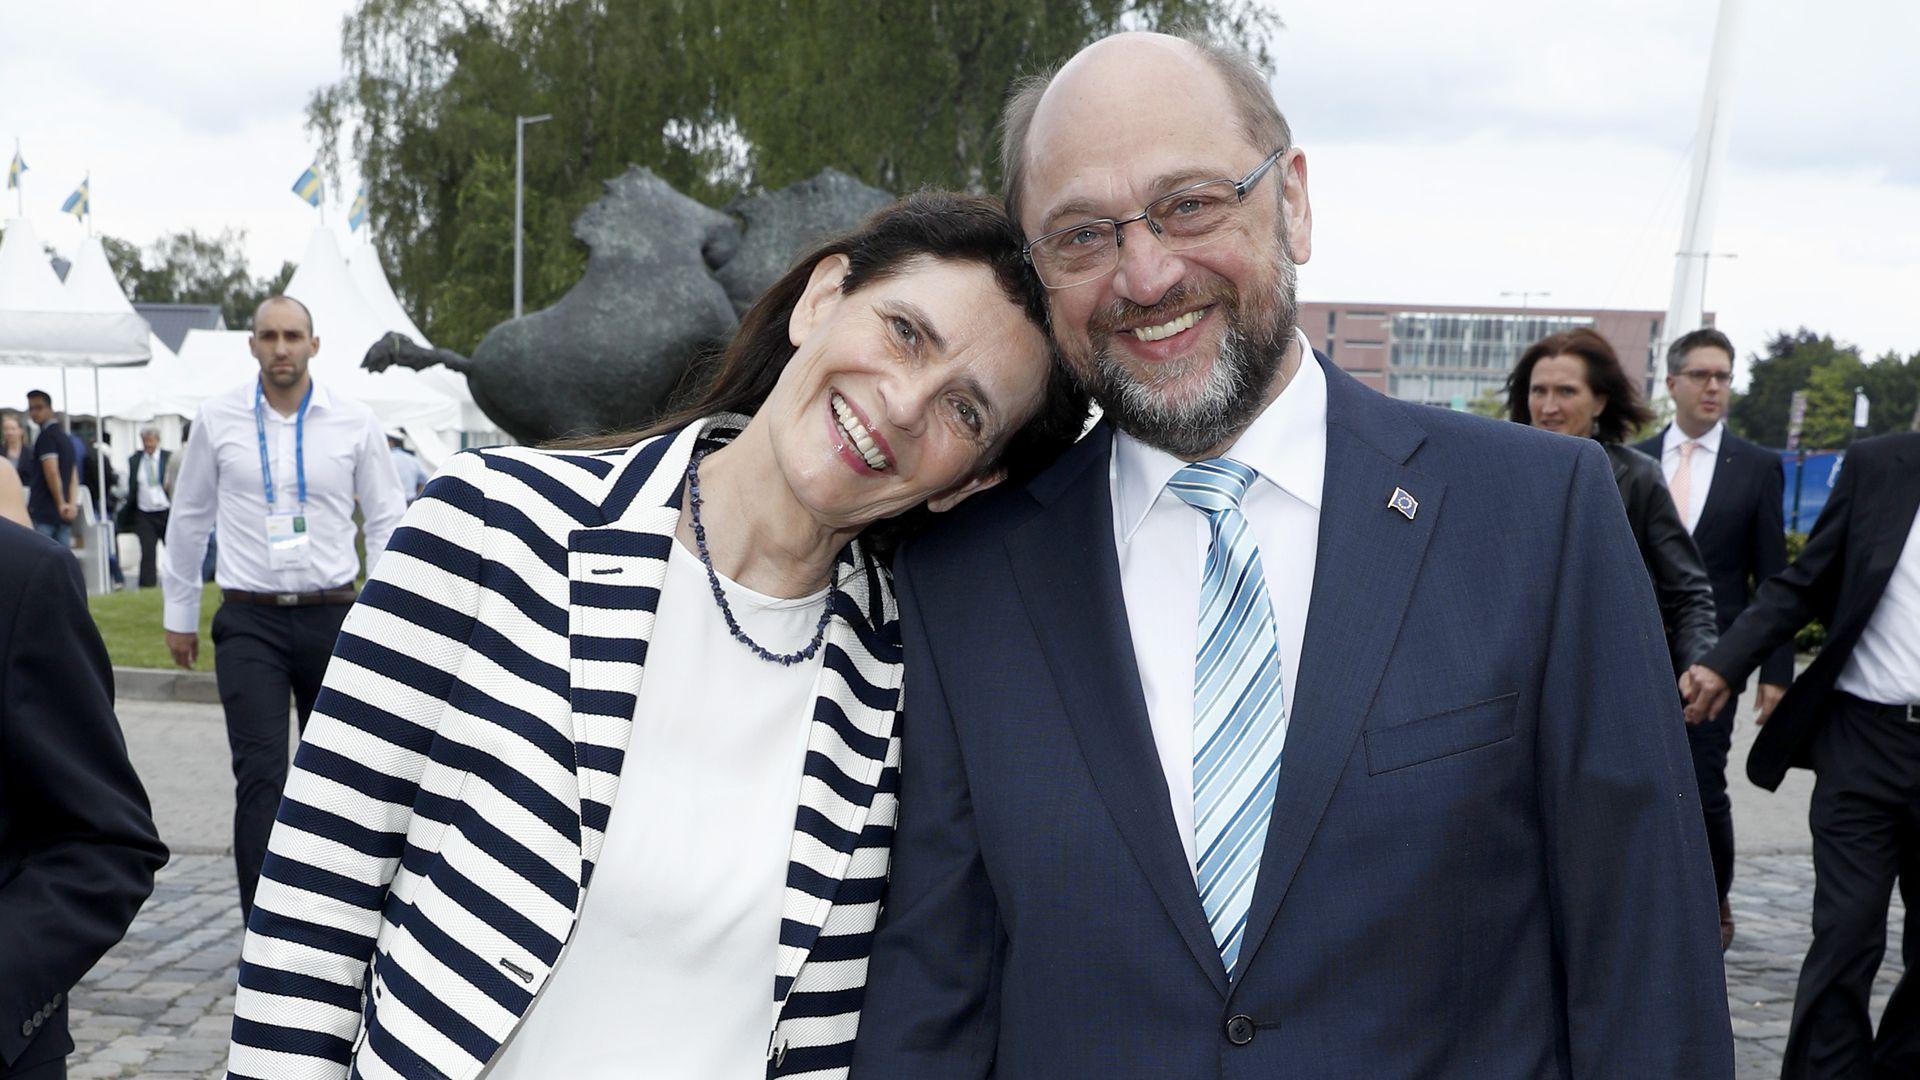 Kanzlerkandidat Martin Schulz Schul Abbruch & Sprach Genie